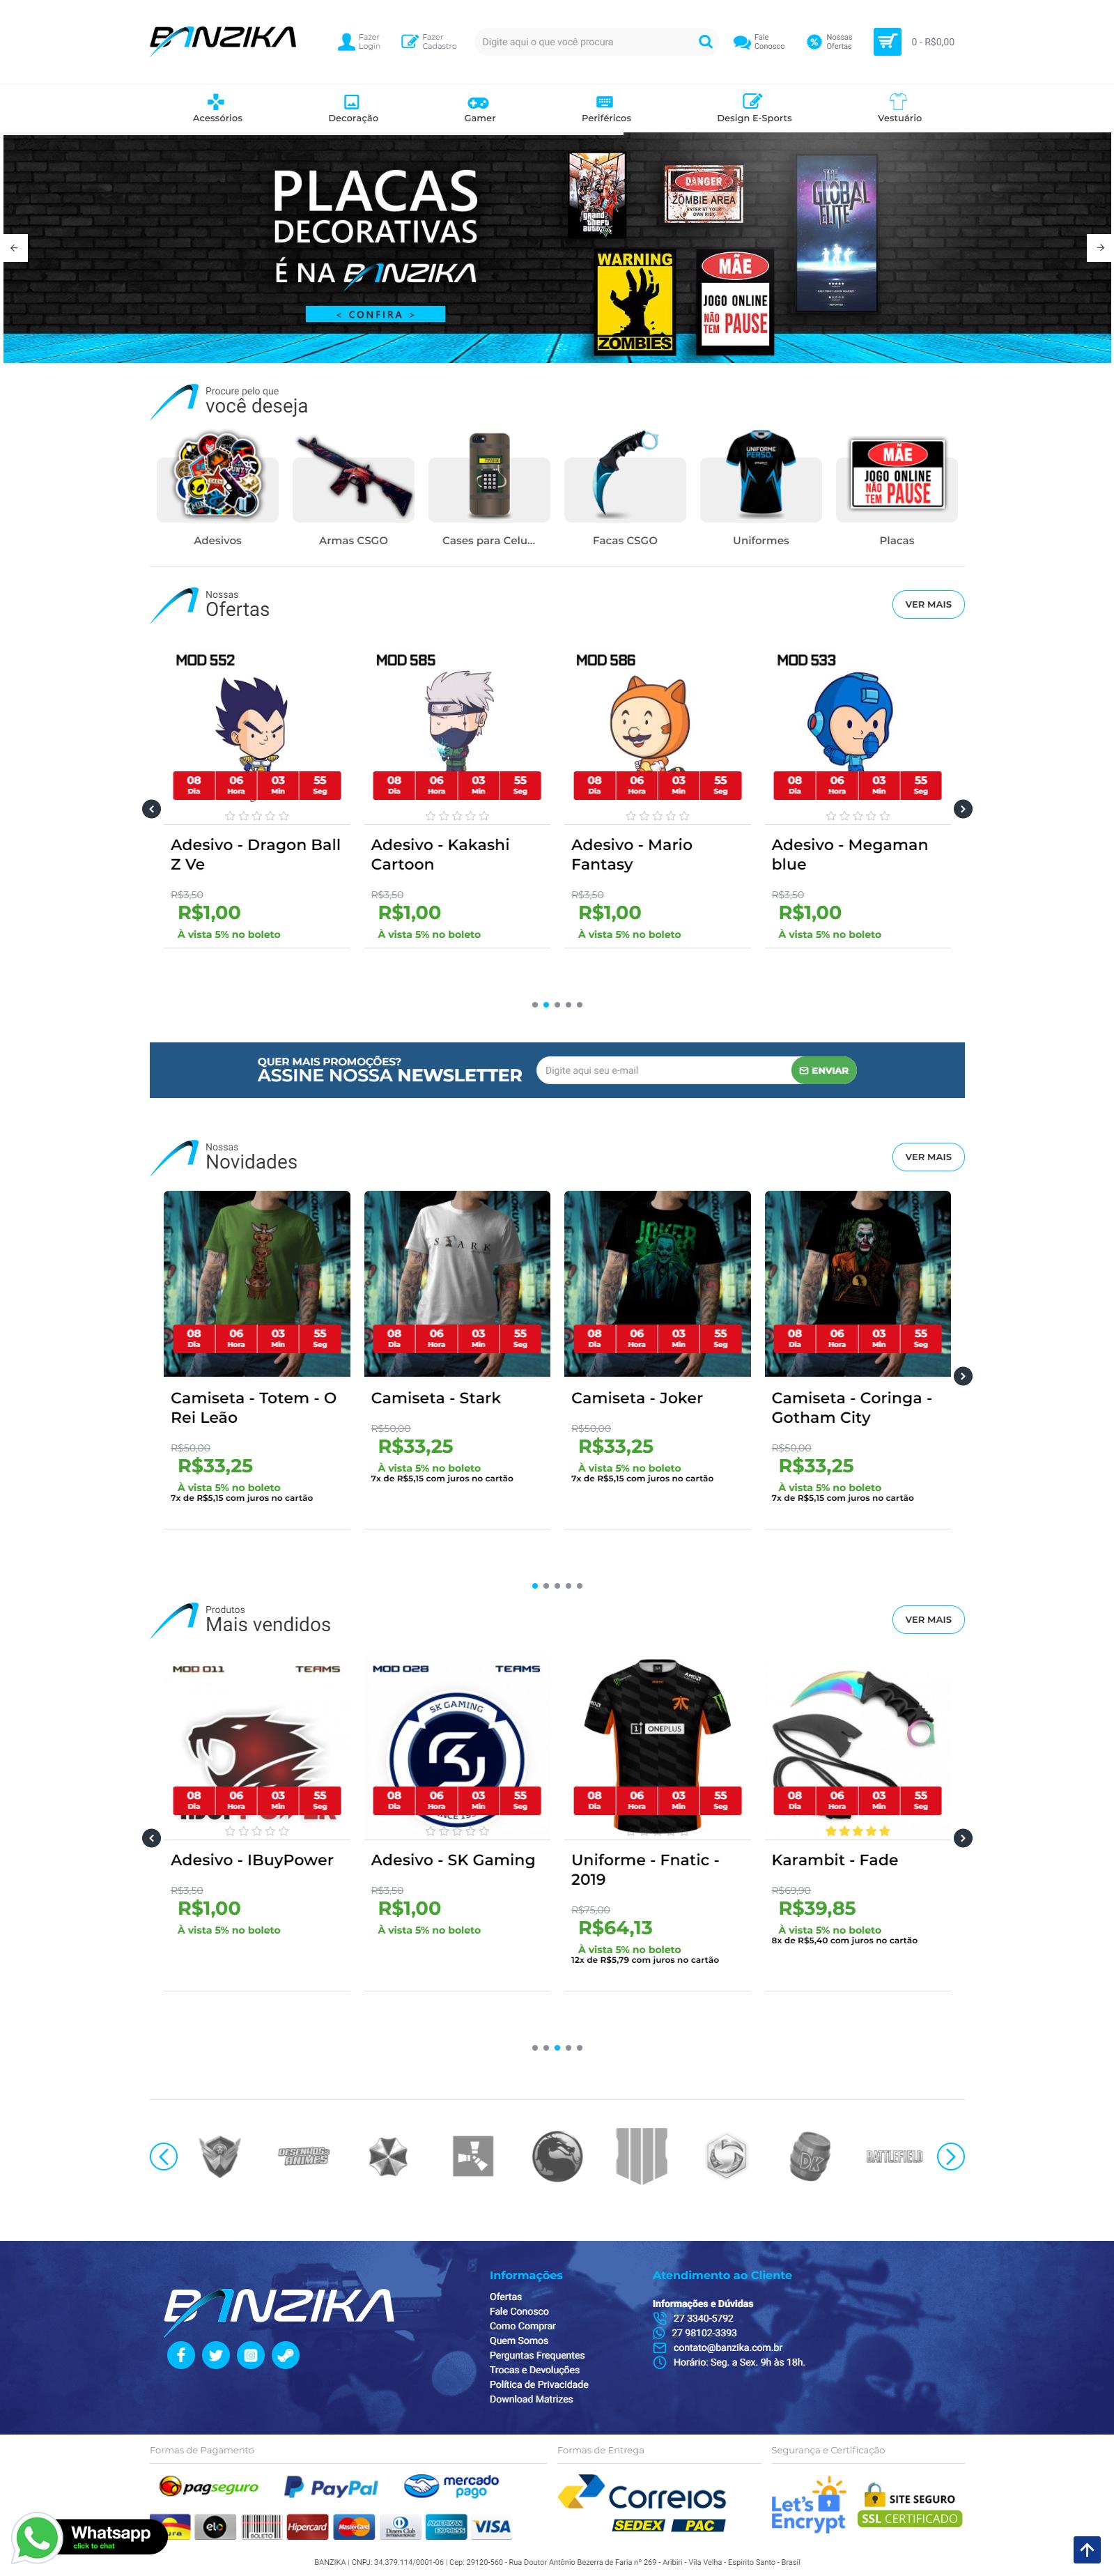 E-commerce Artigos Geek e Personalizados Banzika